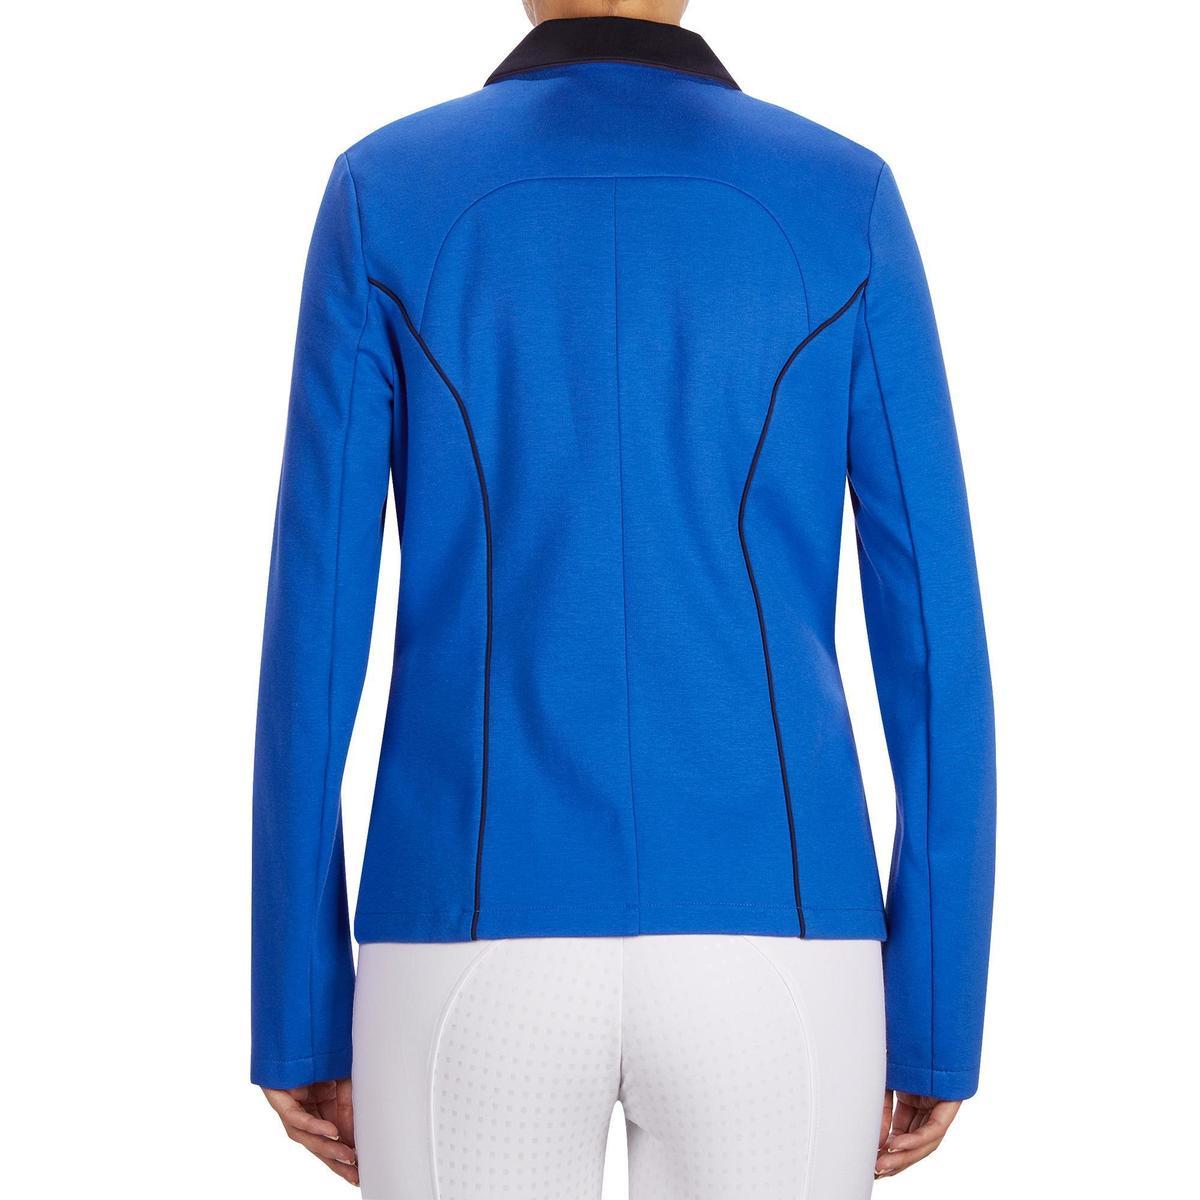 Bild 5 von Turnierjacket COMP100 Damen königsblau